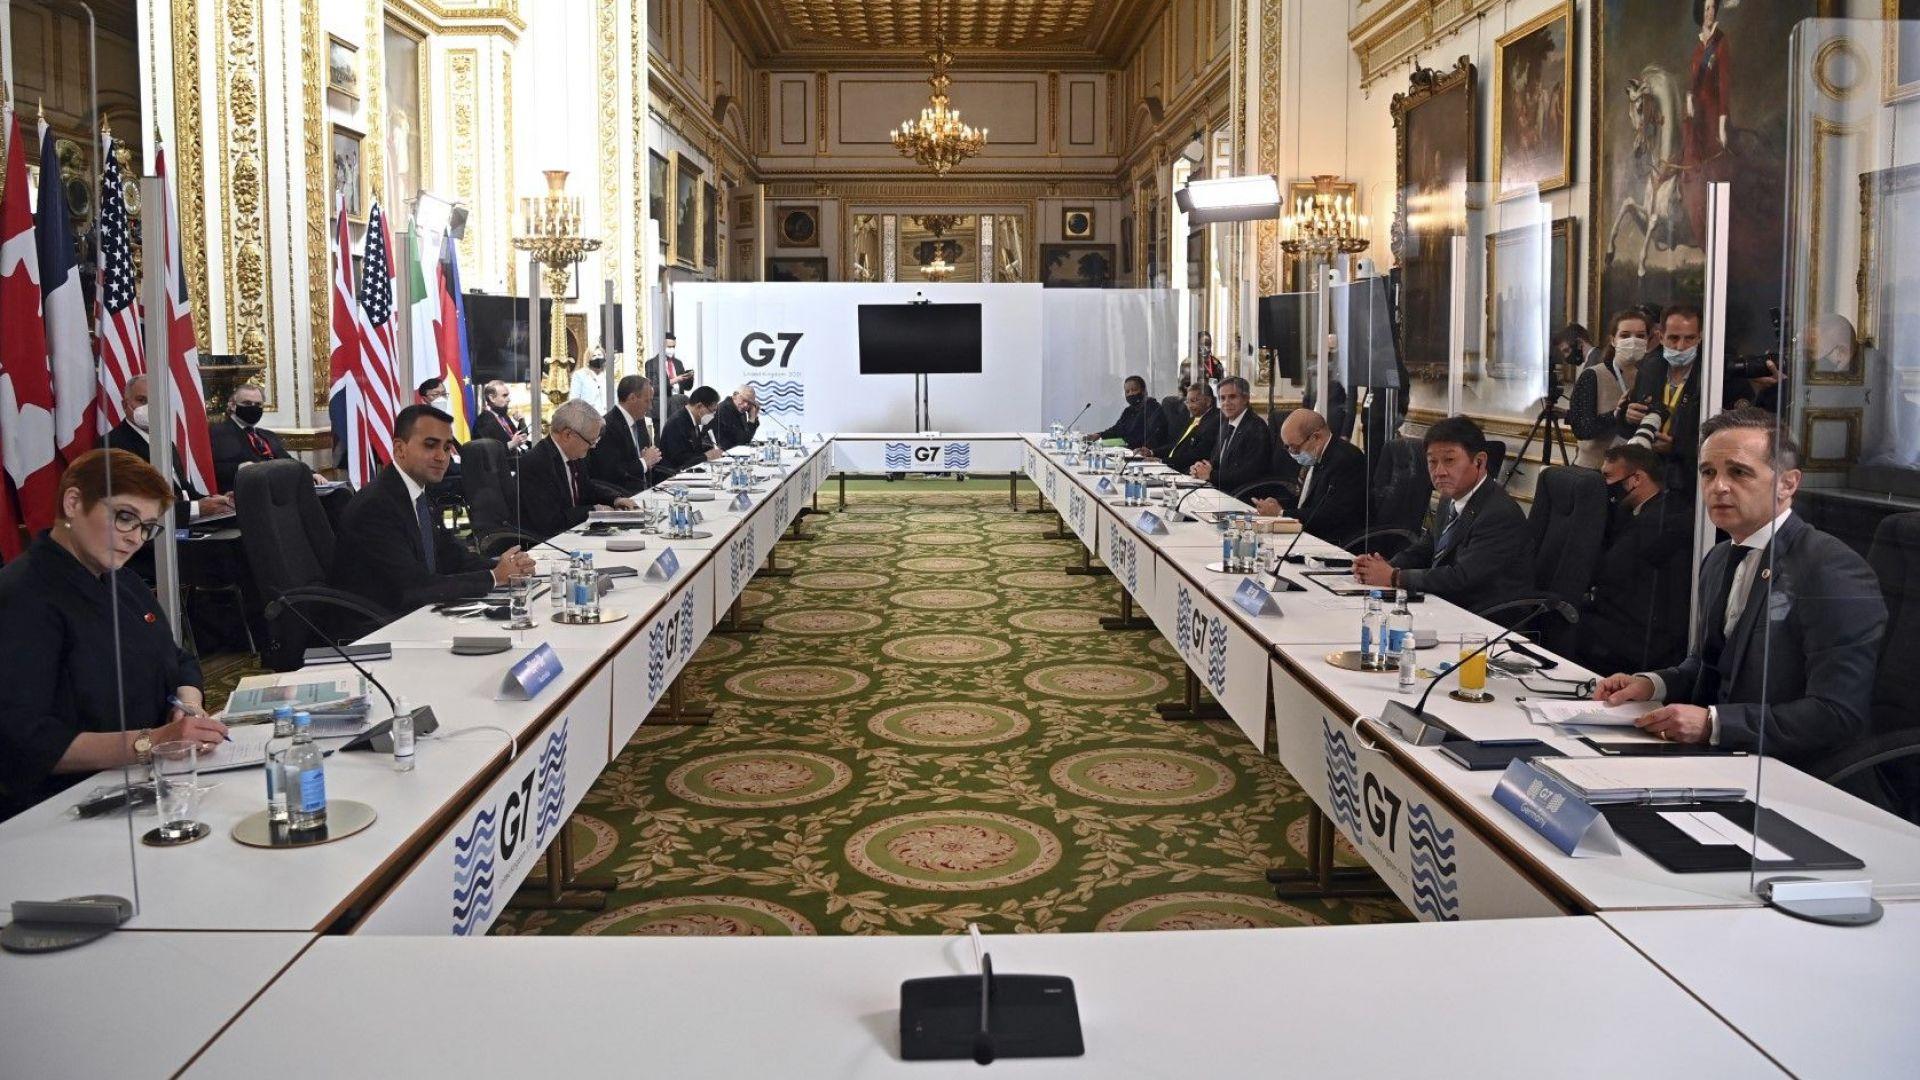 Г-7 захапа Китай и Русия заради заплахи за просперитета и демокрацията